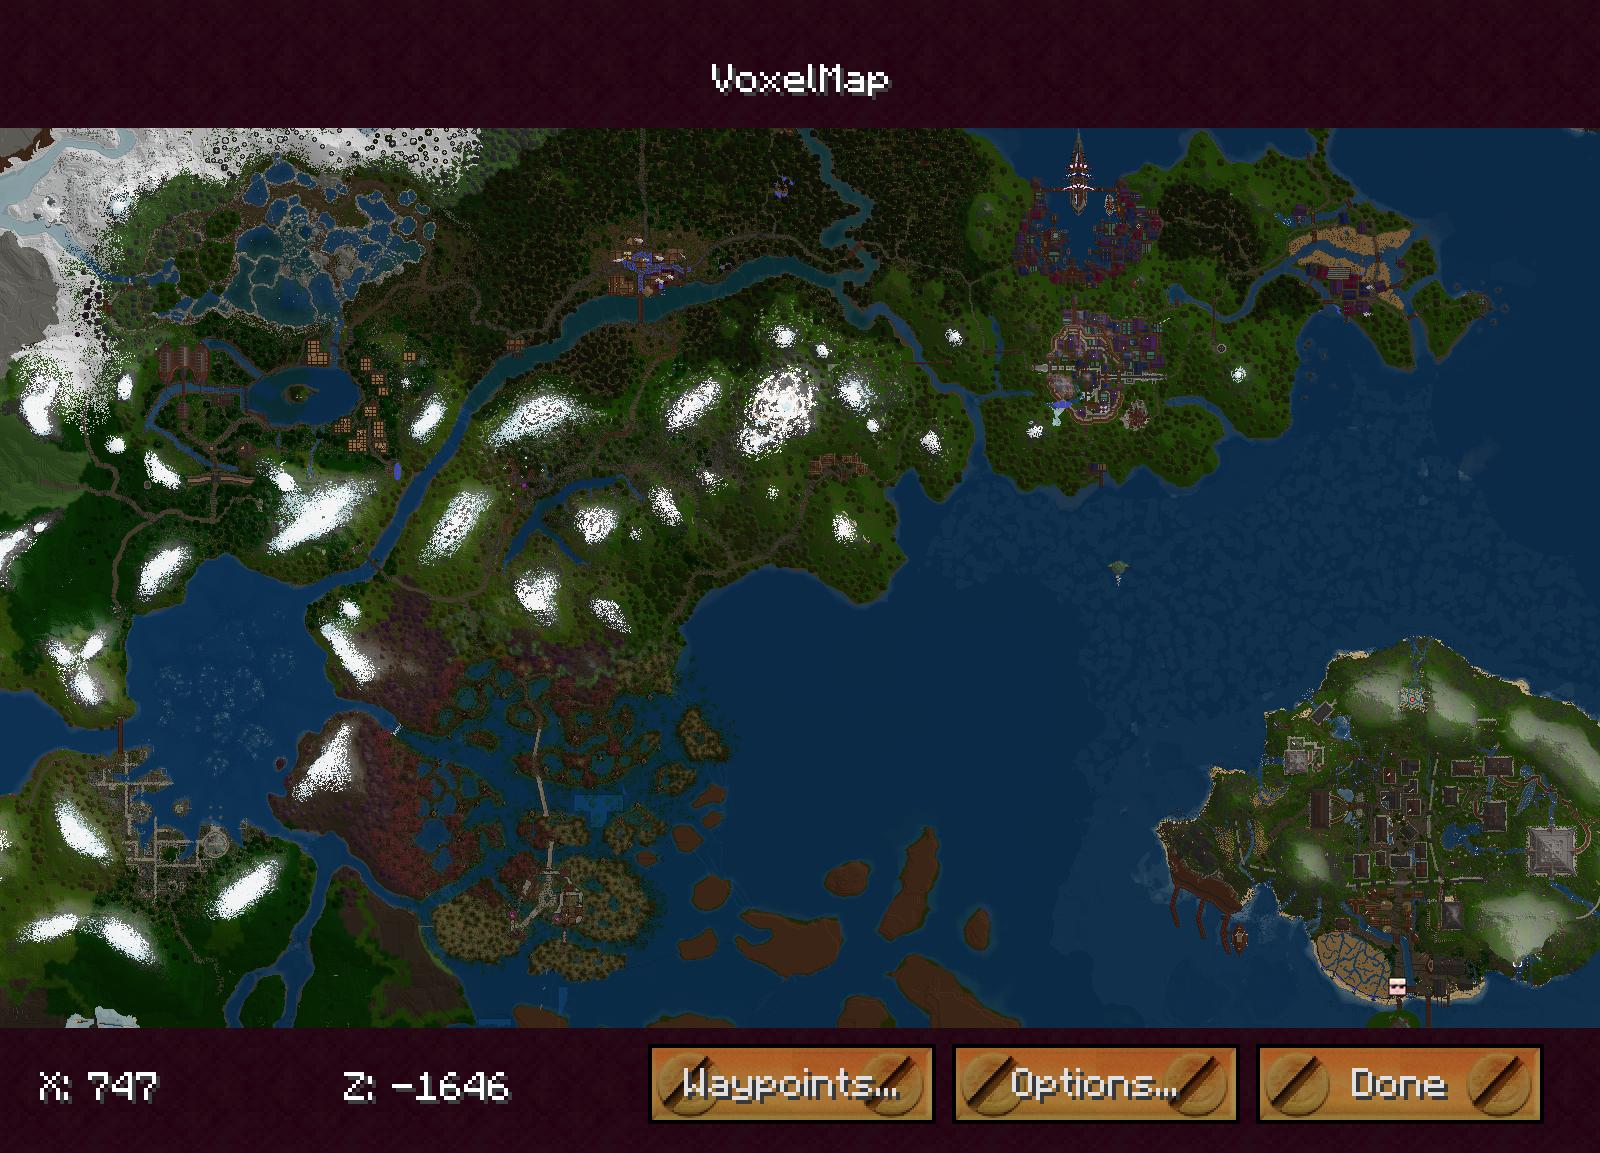 Мод на мини карту для Майнкрафт 1.7.10